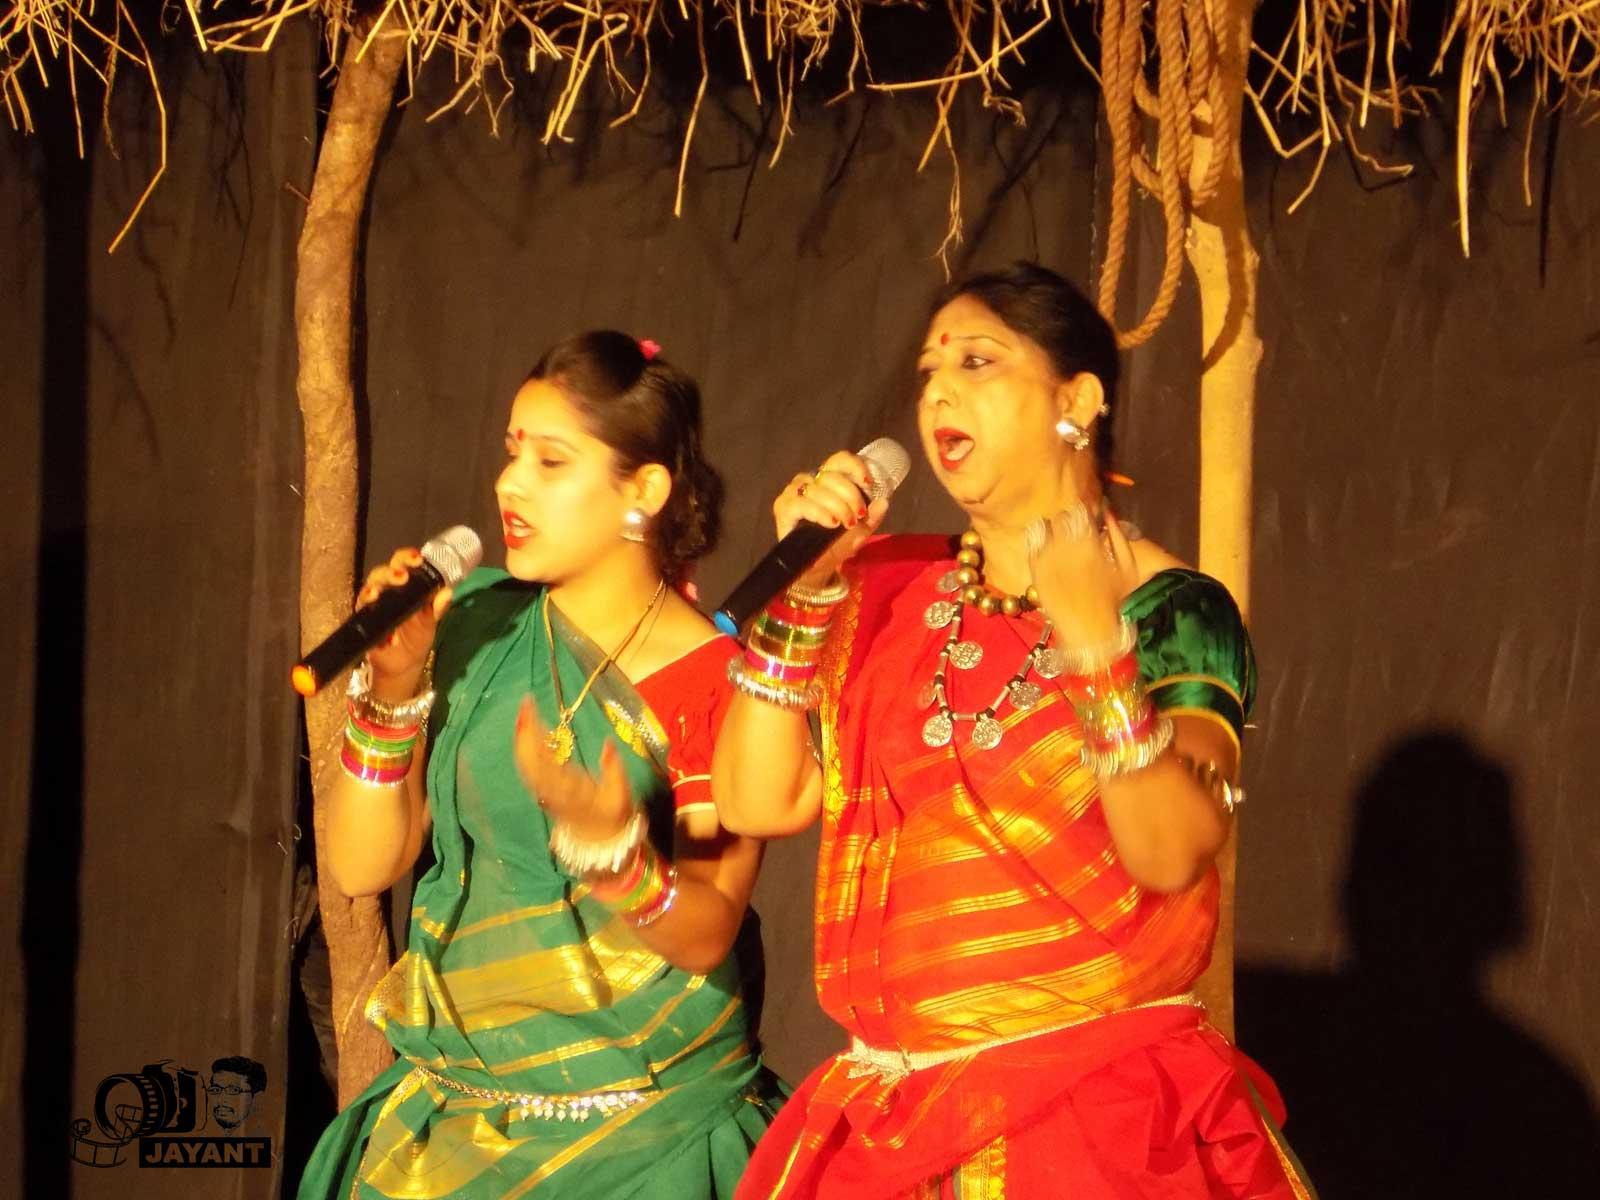 Jayant Gallery Dance Drama Raja Bharthari Presenting By Padmashri Mamta Chandrakar Chhattisgarh